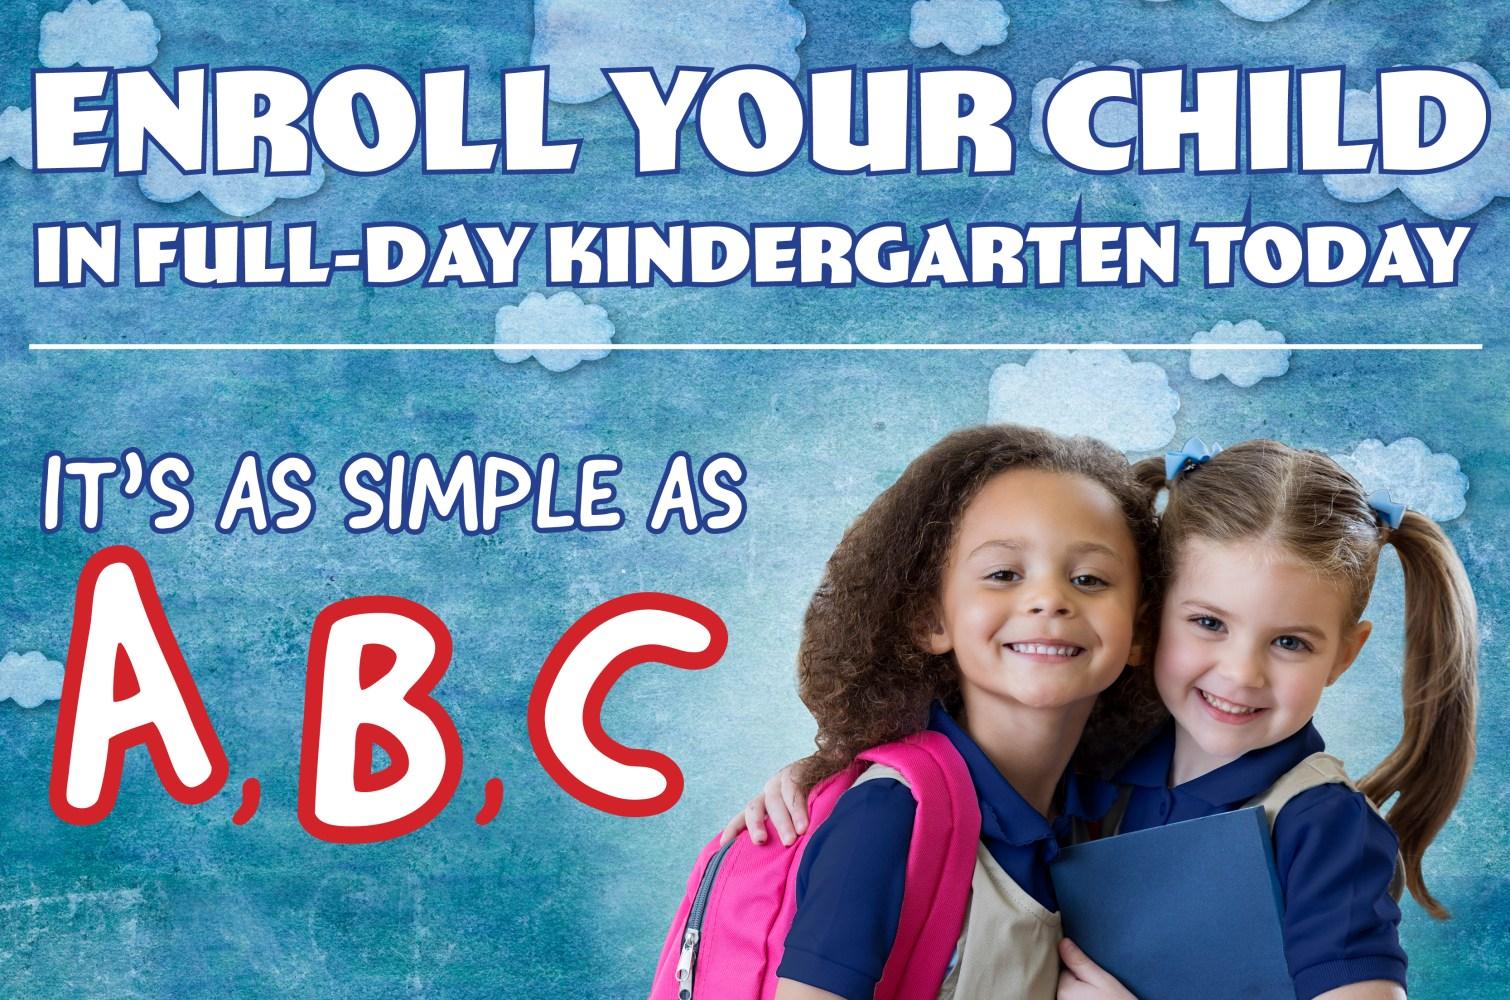 Enroll Your Child in Full-Day Kindergarten